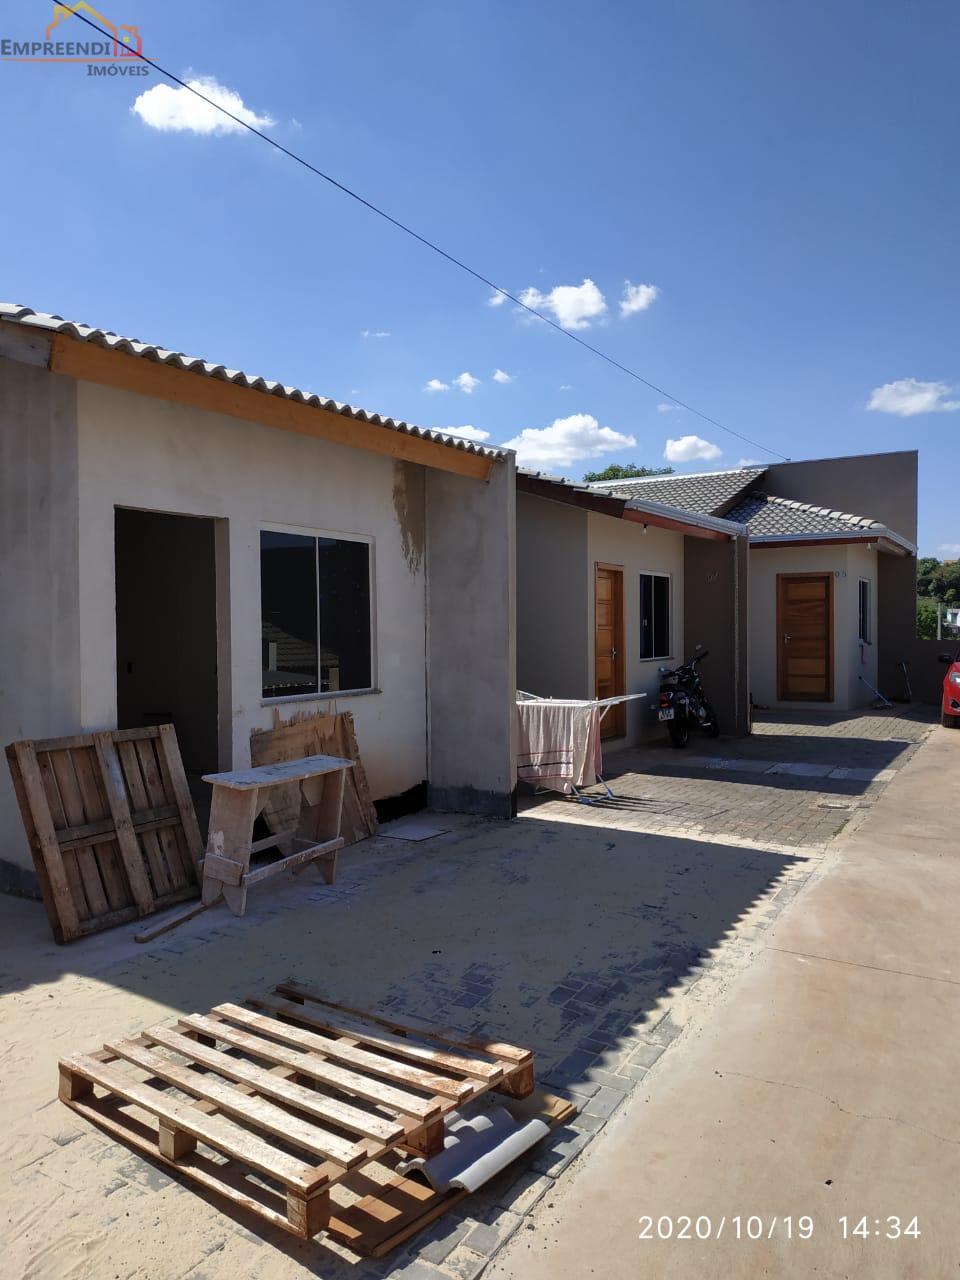 Casa com 2 dormitórios à venda, SANTO ANTONIO, PATO BRANCO - PR